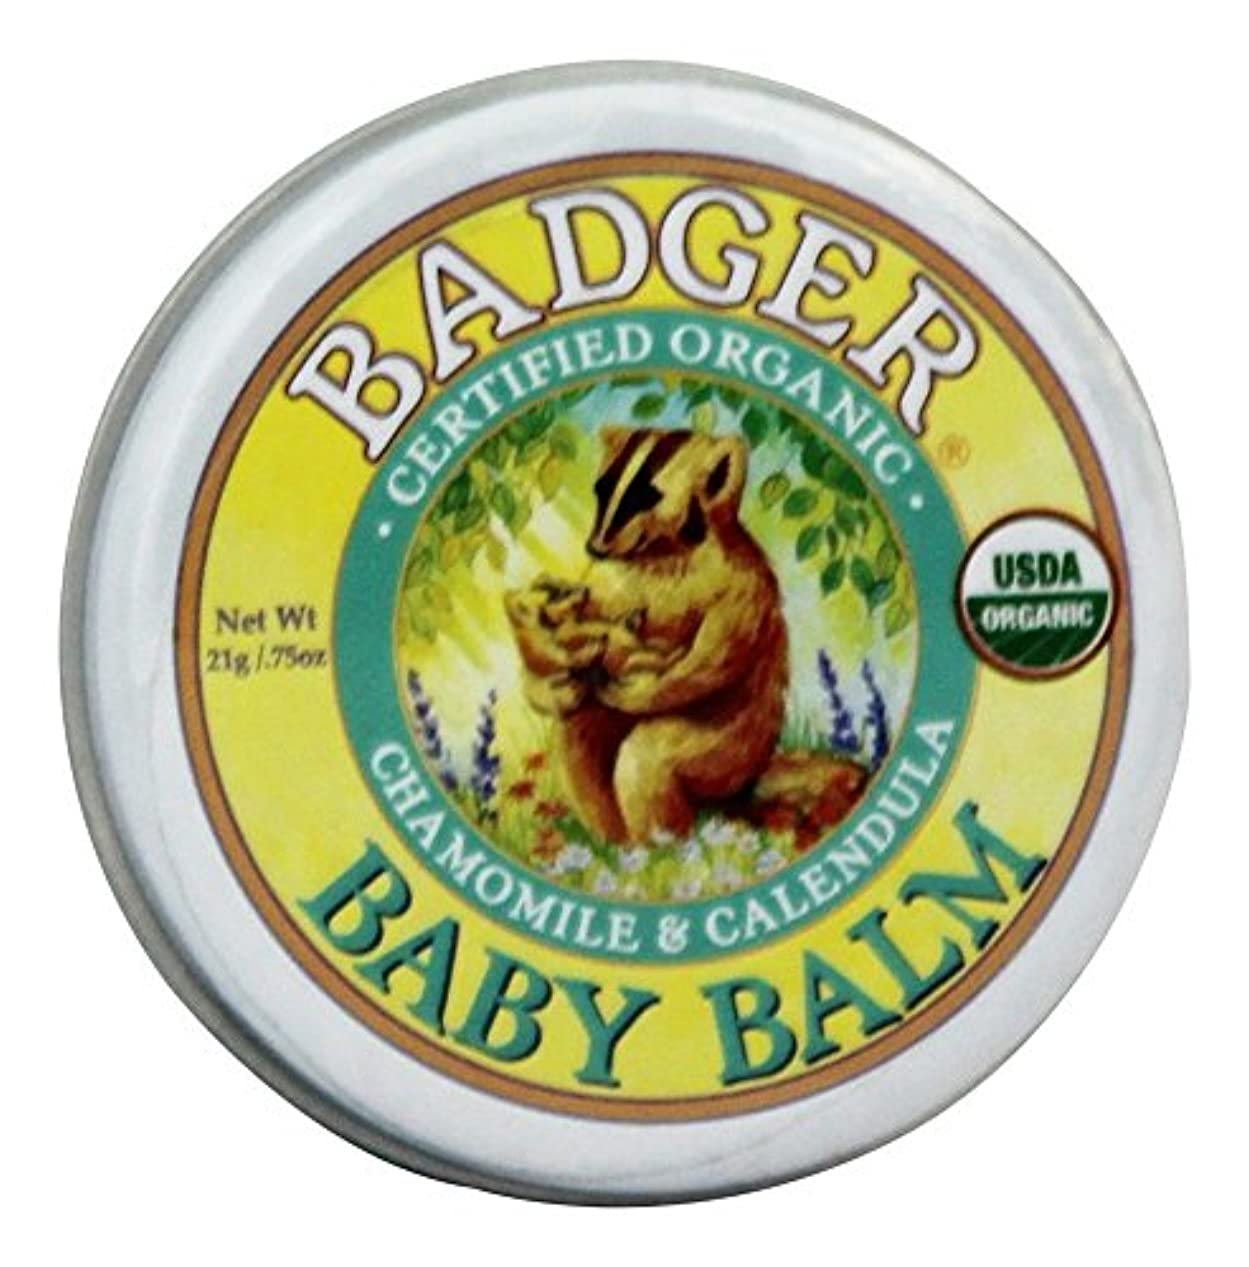 マント裁判所挽くBadger - 赤ん坊の香油のChamomile及びCalendula - 0.75ポンド [並行輸入品]